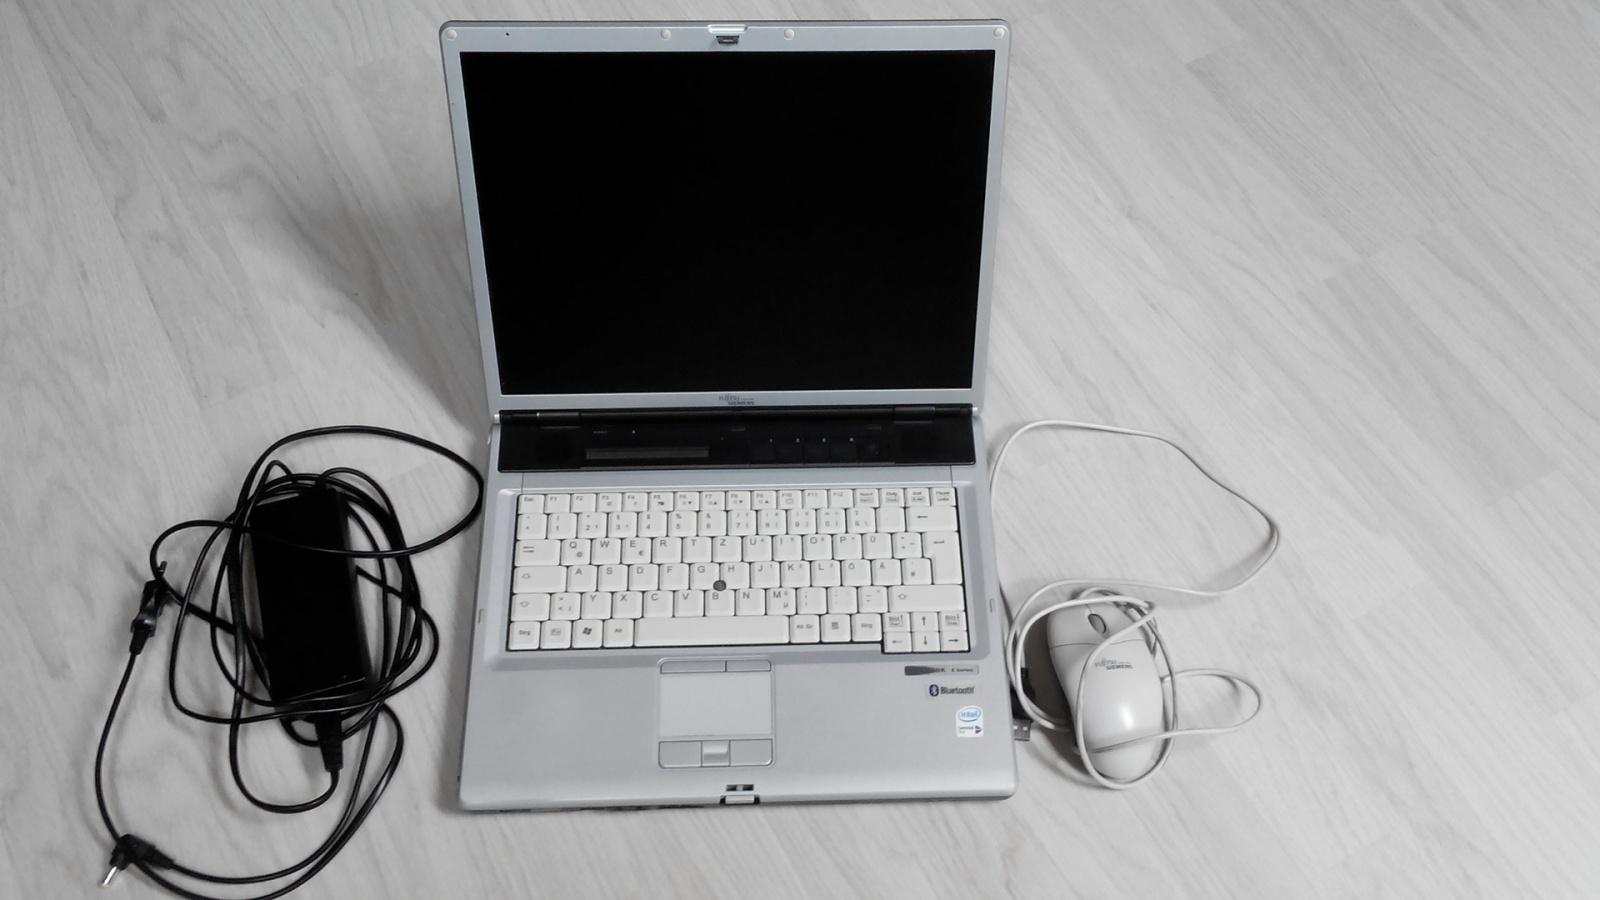 Опыт использования бизнес-ноутбука FUJITSU LIFEBOOK E746: дом вместо офиса, Linux вместо Windows - 10